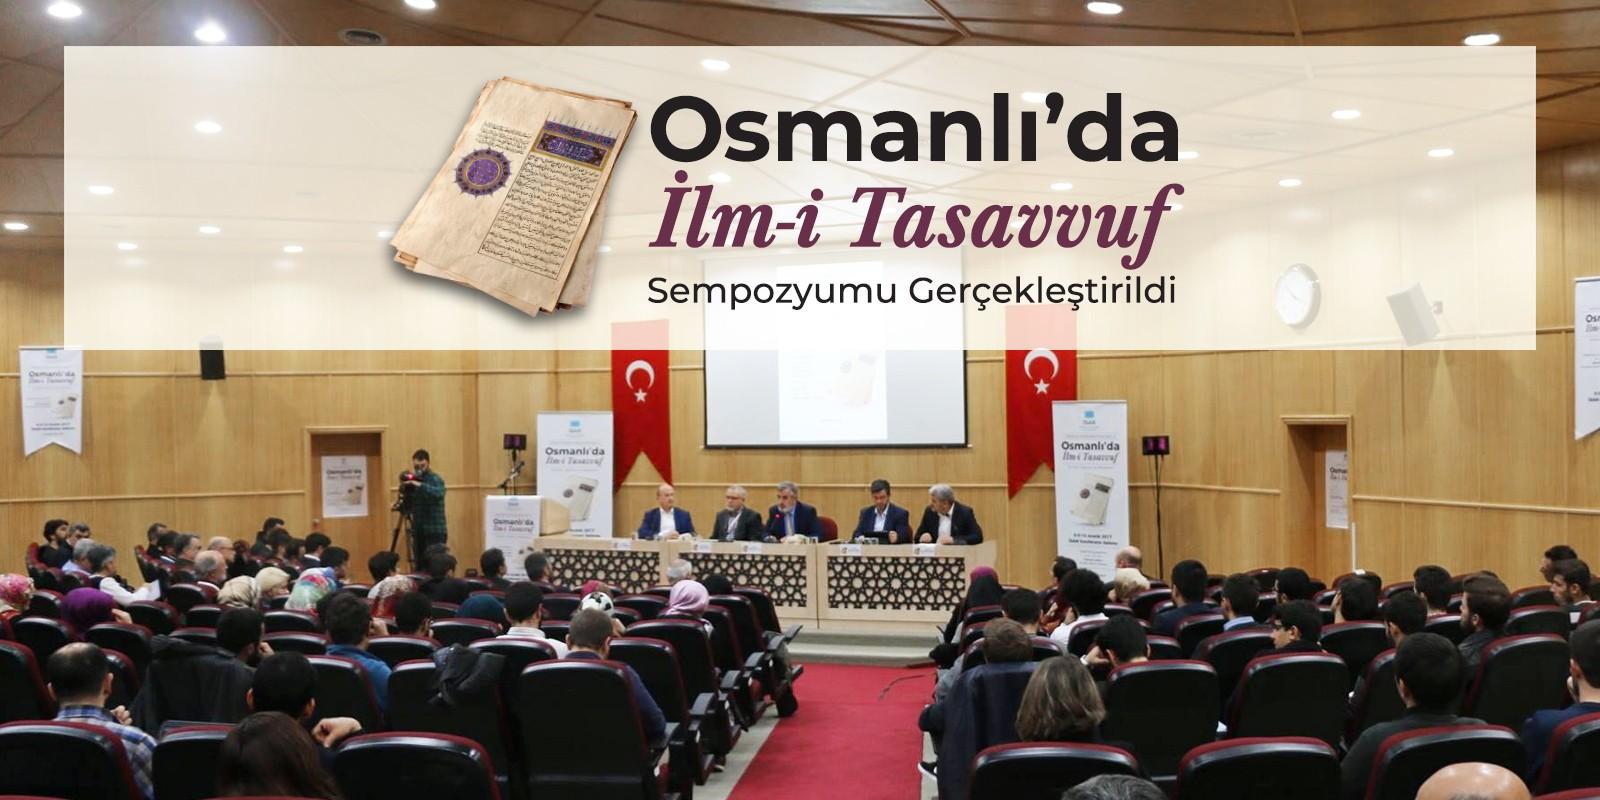 Osmanlı'da İlm-i Tasavvuf Sempozyumu Gerçekleştirildi